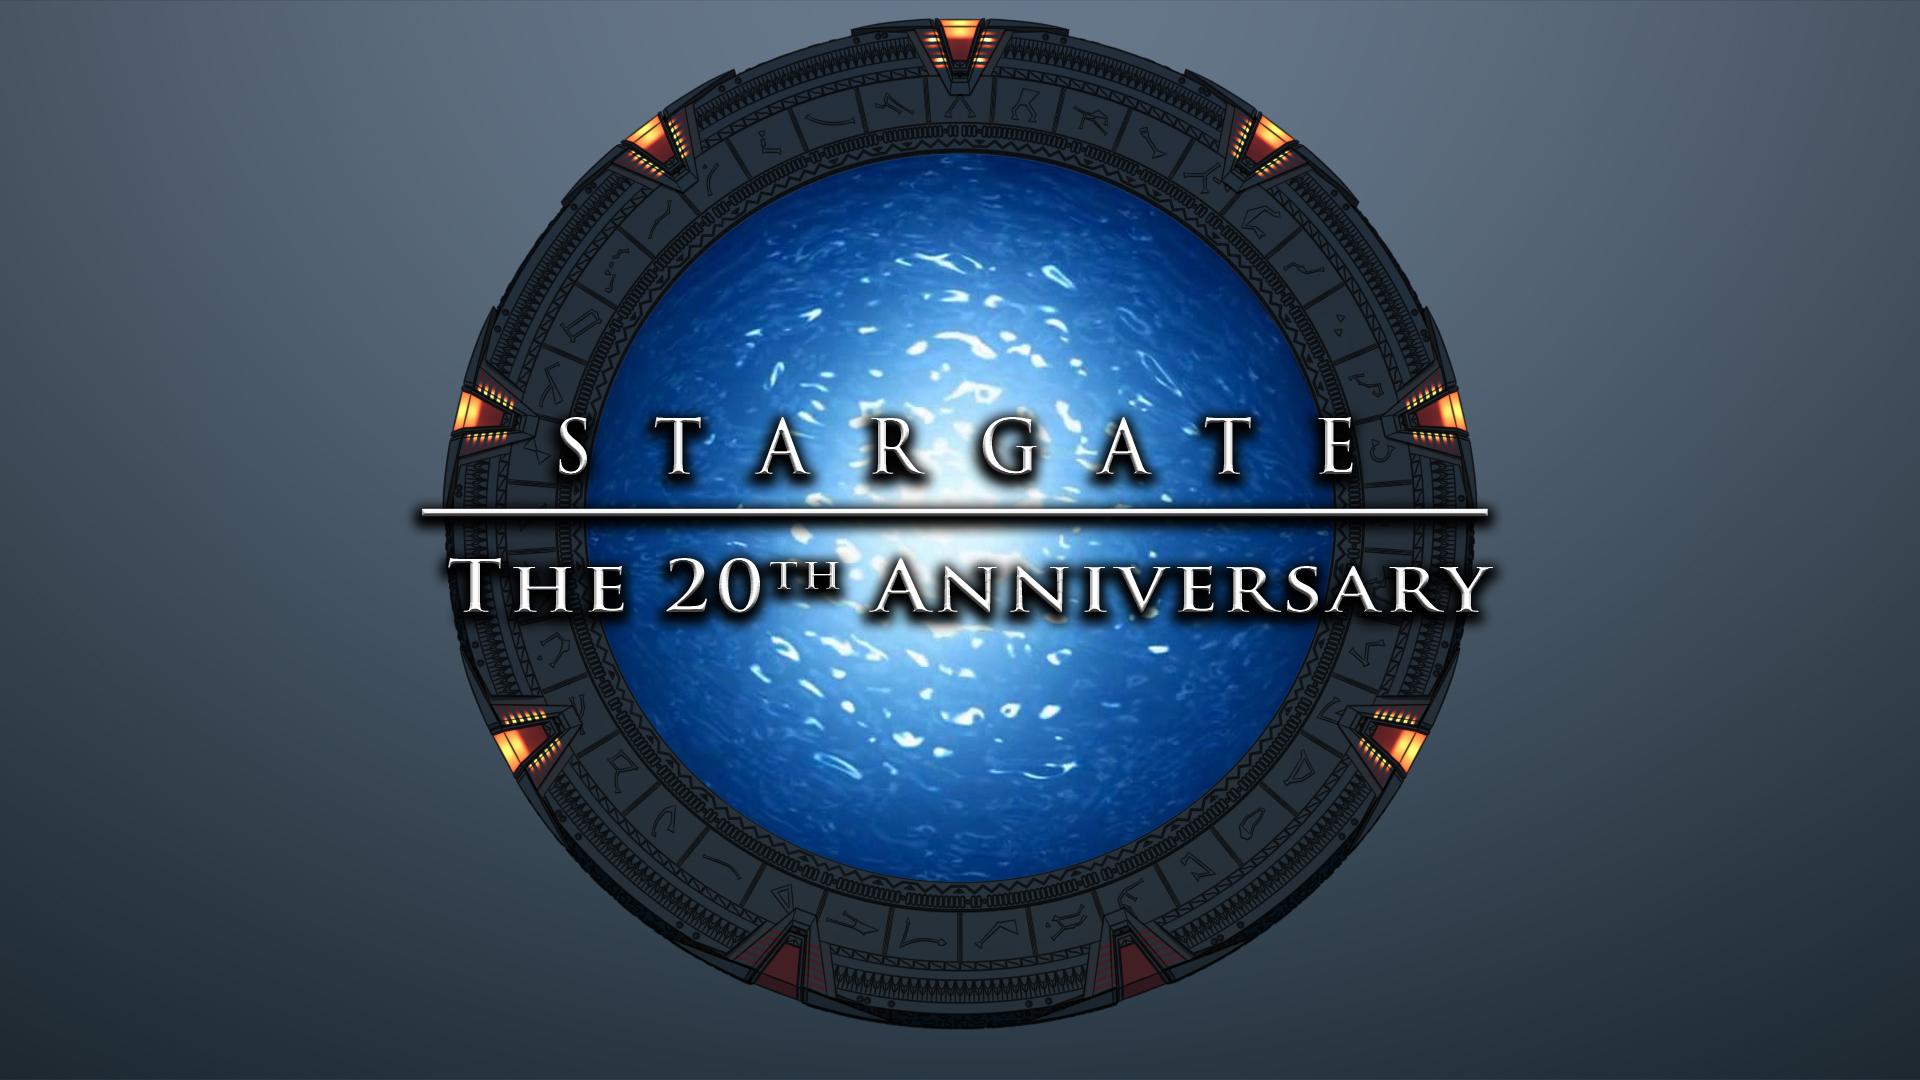 N. van Oosten | Stargate, games, comics, and other stuff